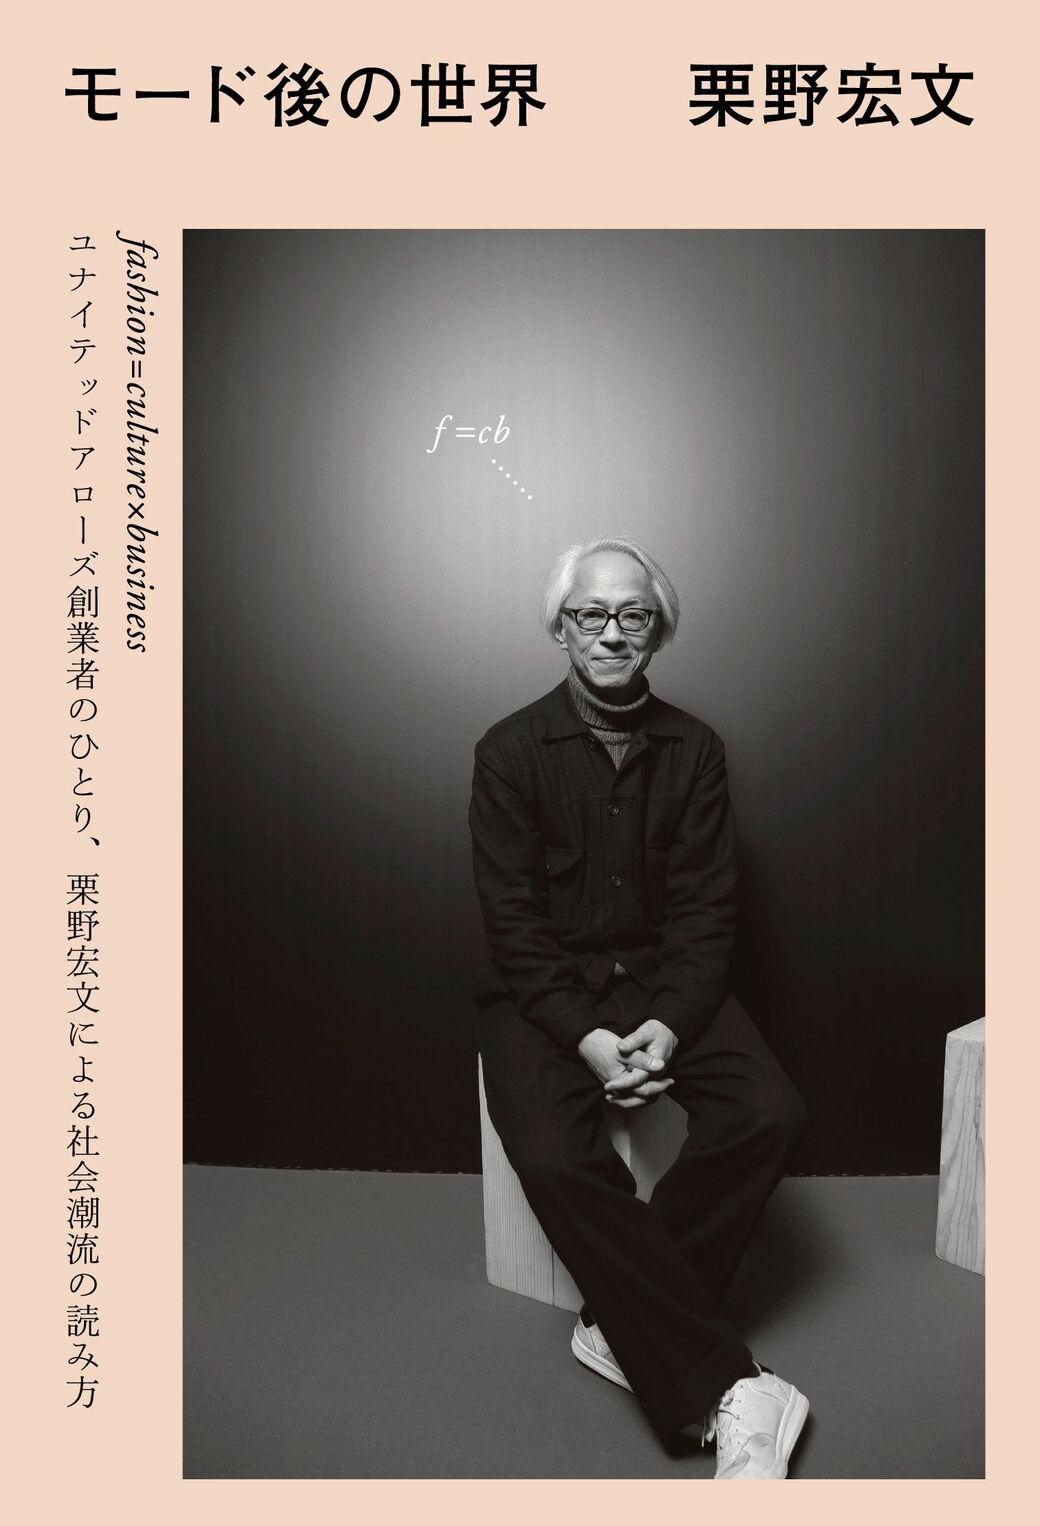 栗野宏文さん『モード後の世界』